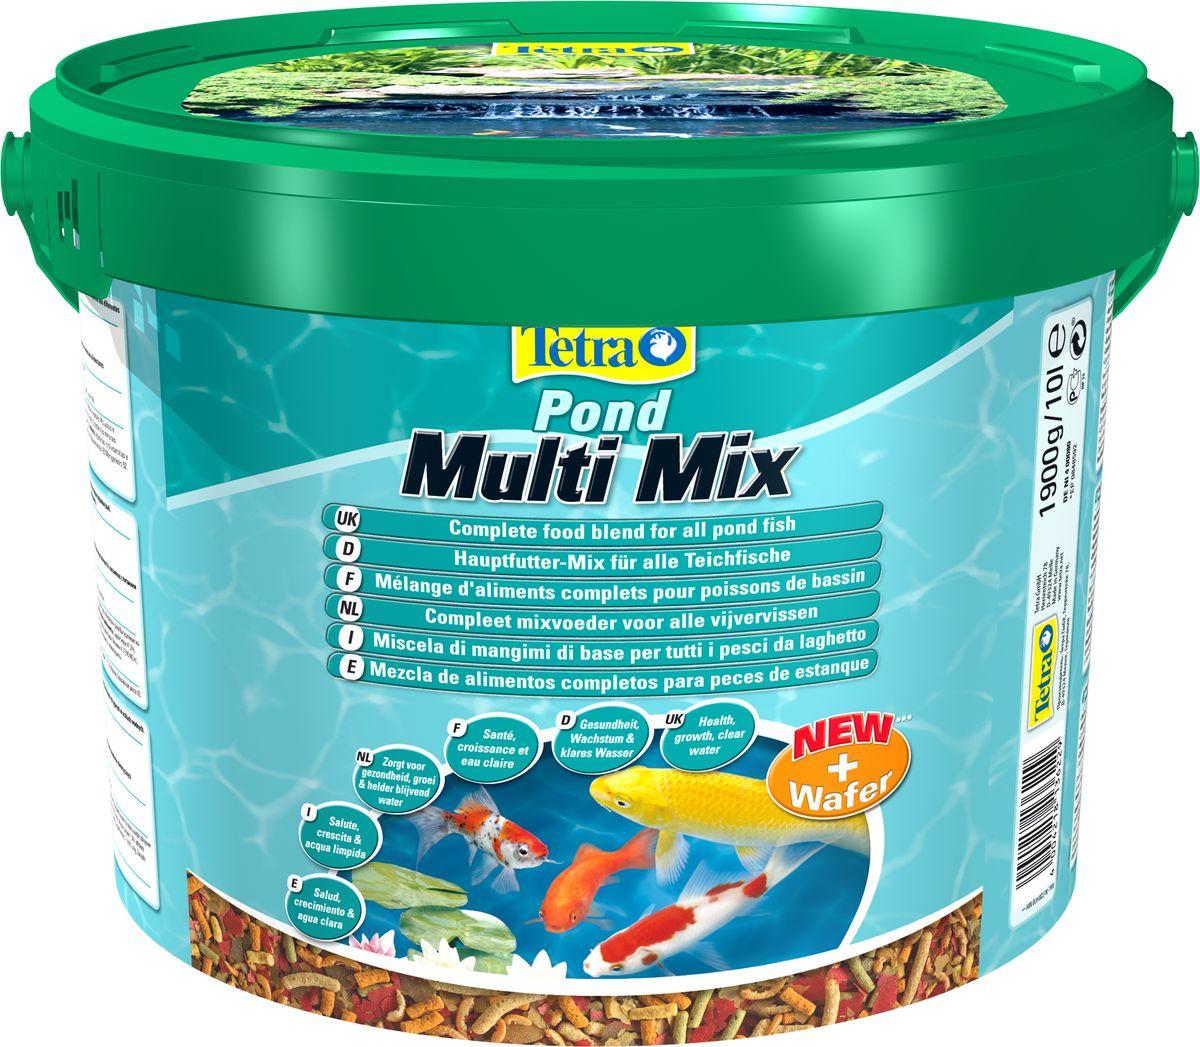 Корм сухой TetraPond Multi Mix для всех видов прудовых рыб, комбинированный, 10 л136229Корм TetraPond Multi Mix - это основная формула из четырех составляющих: гранулы, хлопья, таблетки, гаммарус, что отвечает пищевым потребностям разных рыб. Запатентованная BioActive формула обеспечивает высокую устойчивость к заболеваниям, придает энергию и жизнеспособность. Особенности TetraPond Multi Mix: - высококачественные хлопья специально созданы с учетом пищевых потребностей молодых и маленьких рыбок, - плавающие палочки для всех рыб, которые питаются с поверхности воды, - натуральный корм в качестве особого деликатеса. Идеален также для тритонов и амфибий, - тонущие пластинки специально для рыбок, которые питаются на дне, - содержит все необходимые питательные вещества, клетчатку, минералы, витамины и микроэлементы для предотвращения симптомов недостаточности, связанных с питанием, - легкий прием и высокая перевариваемость уменьшает степень загрязнения воды и улучшает ее качество. Рекомендации по кормлению: кормите...